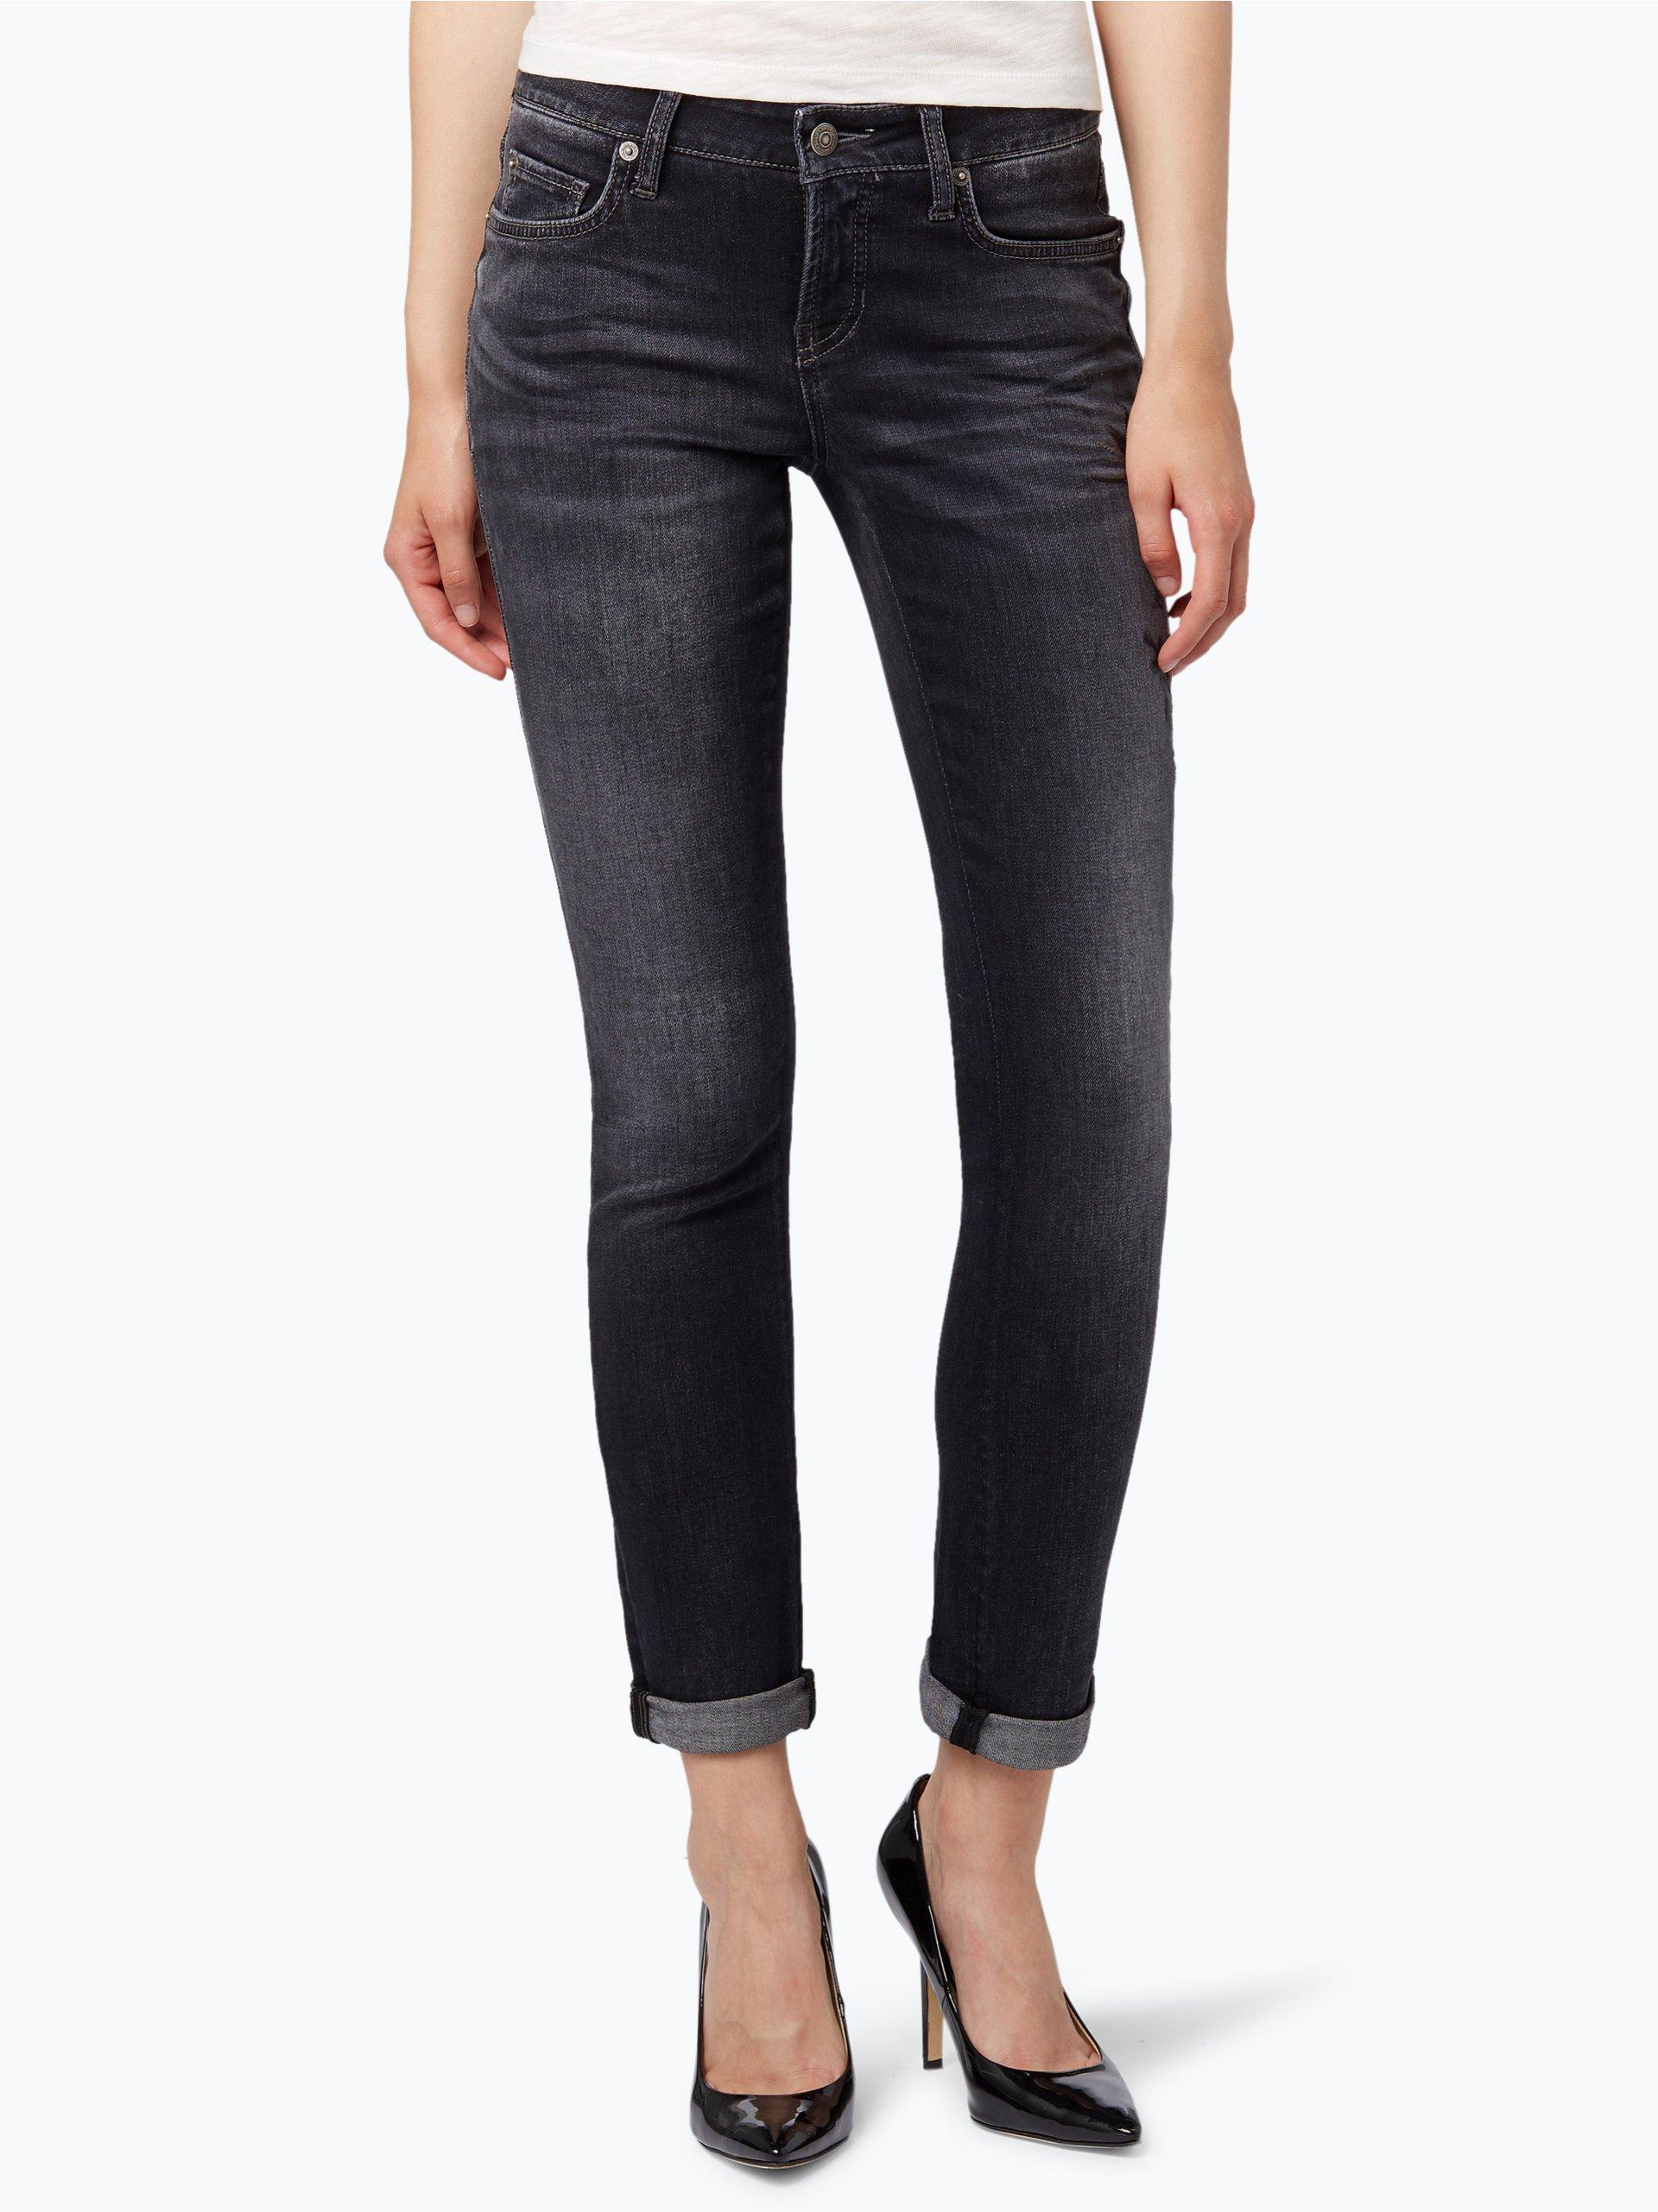 cambio damen jeans liu schwarz gemustert online kaufen. Black Bedroom Furniture Sets. Home Design Ideas